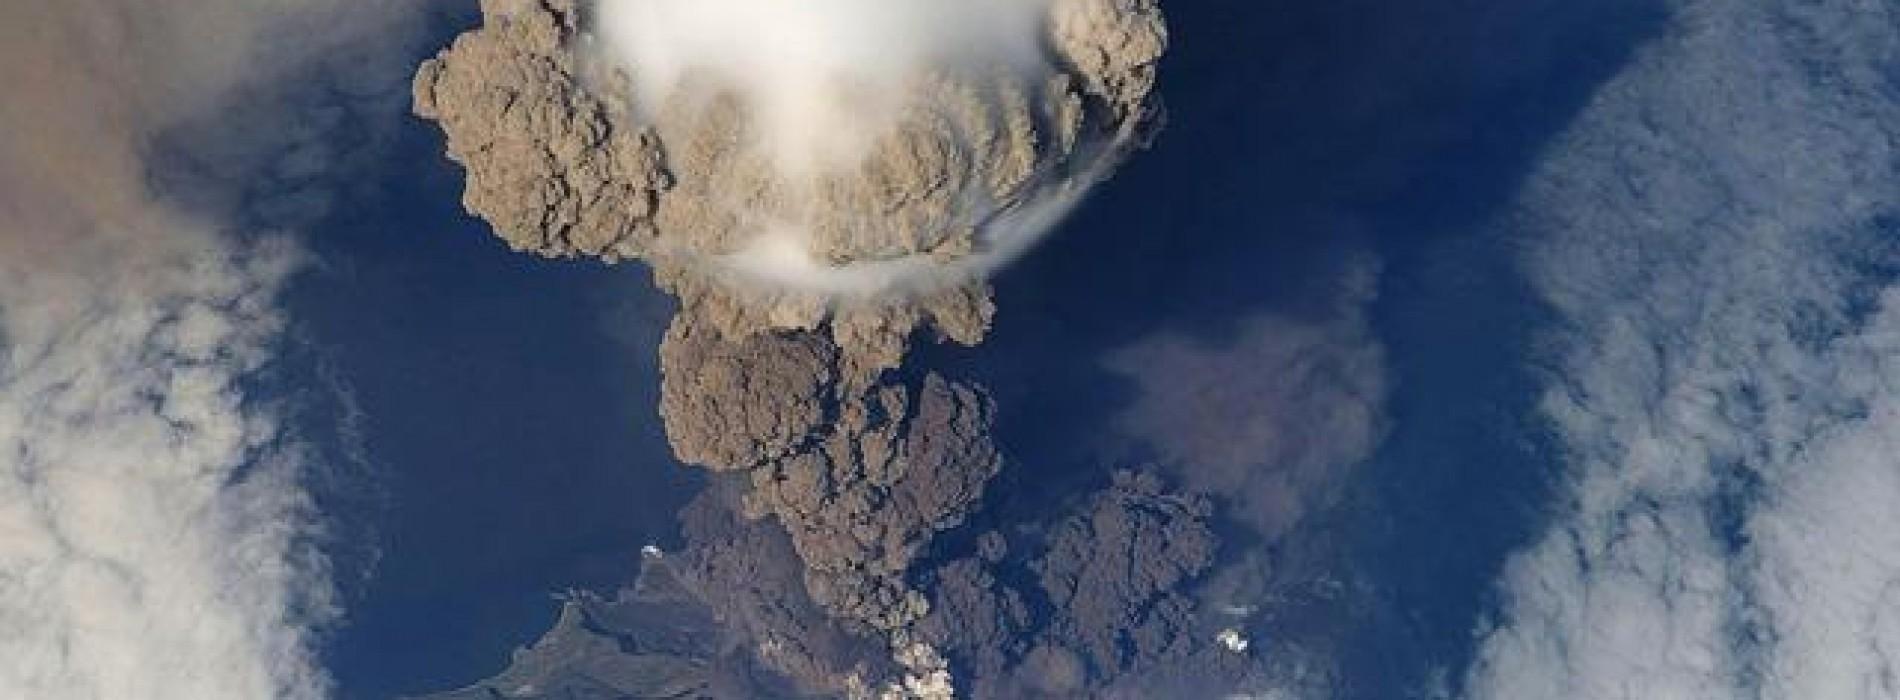 Ireland Always Freezes After Volcanic Eruptions